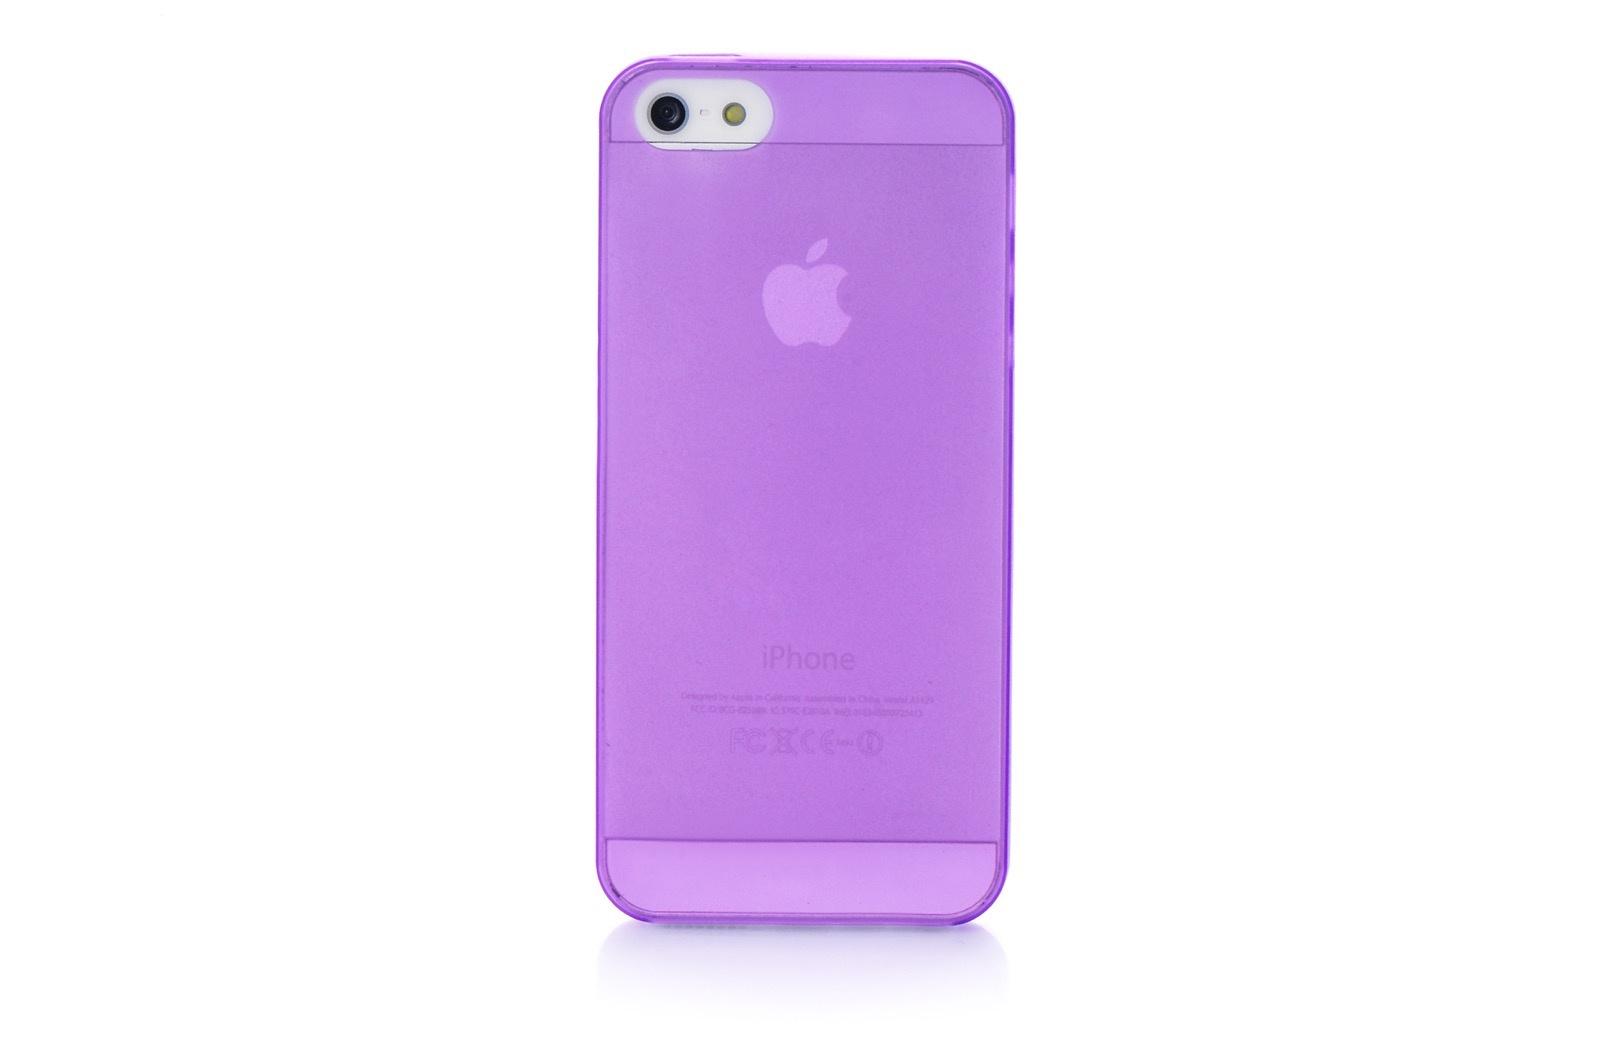 цены Чехол для сотового телефона Gurdini Чехол накладка Gurdini iPhone 5/5S/SE пластик ультратонкий 0.2, 400253, фиолетовый